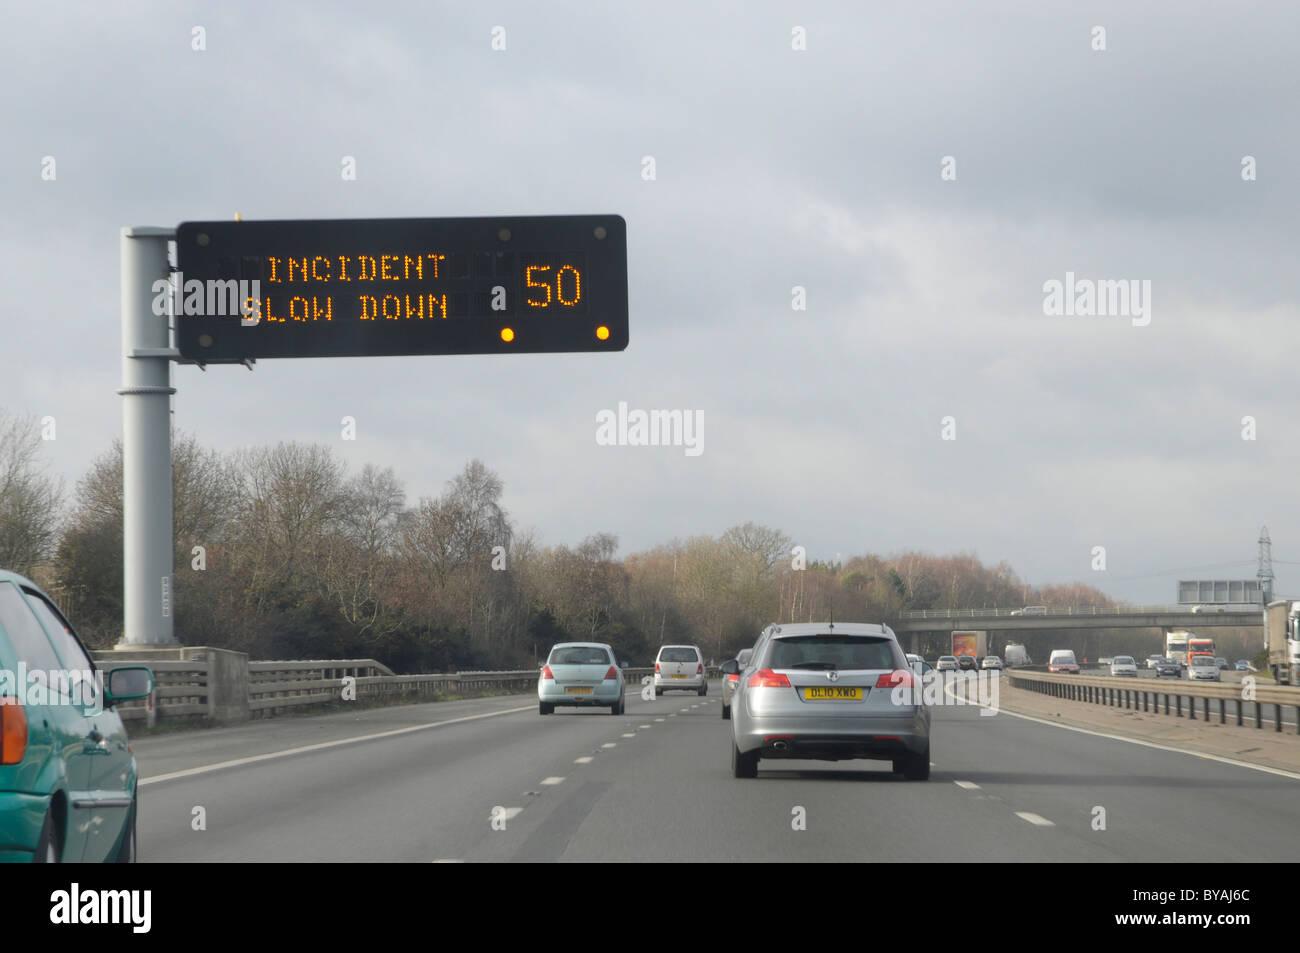 L'information de la matrice signe de route sur l'autoroute M27 dans le Hampshire Photo Stock